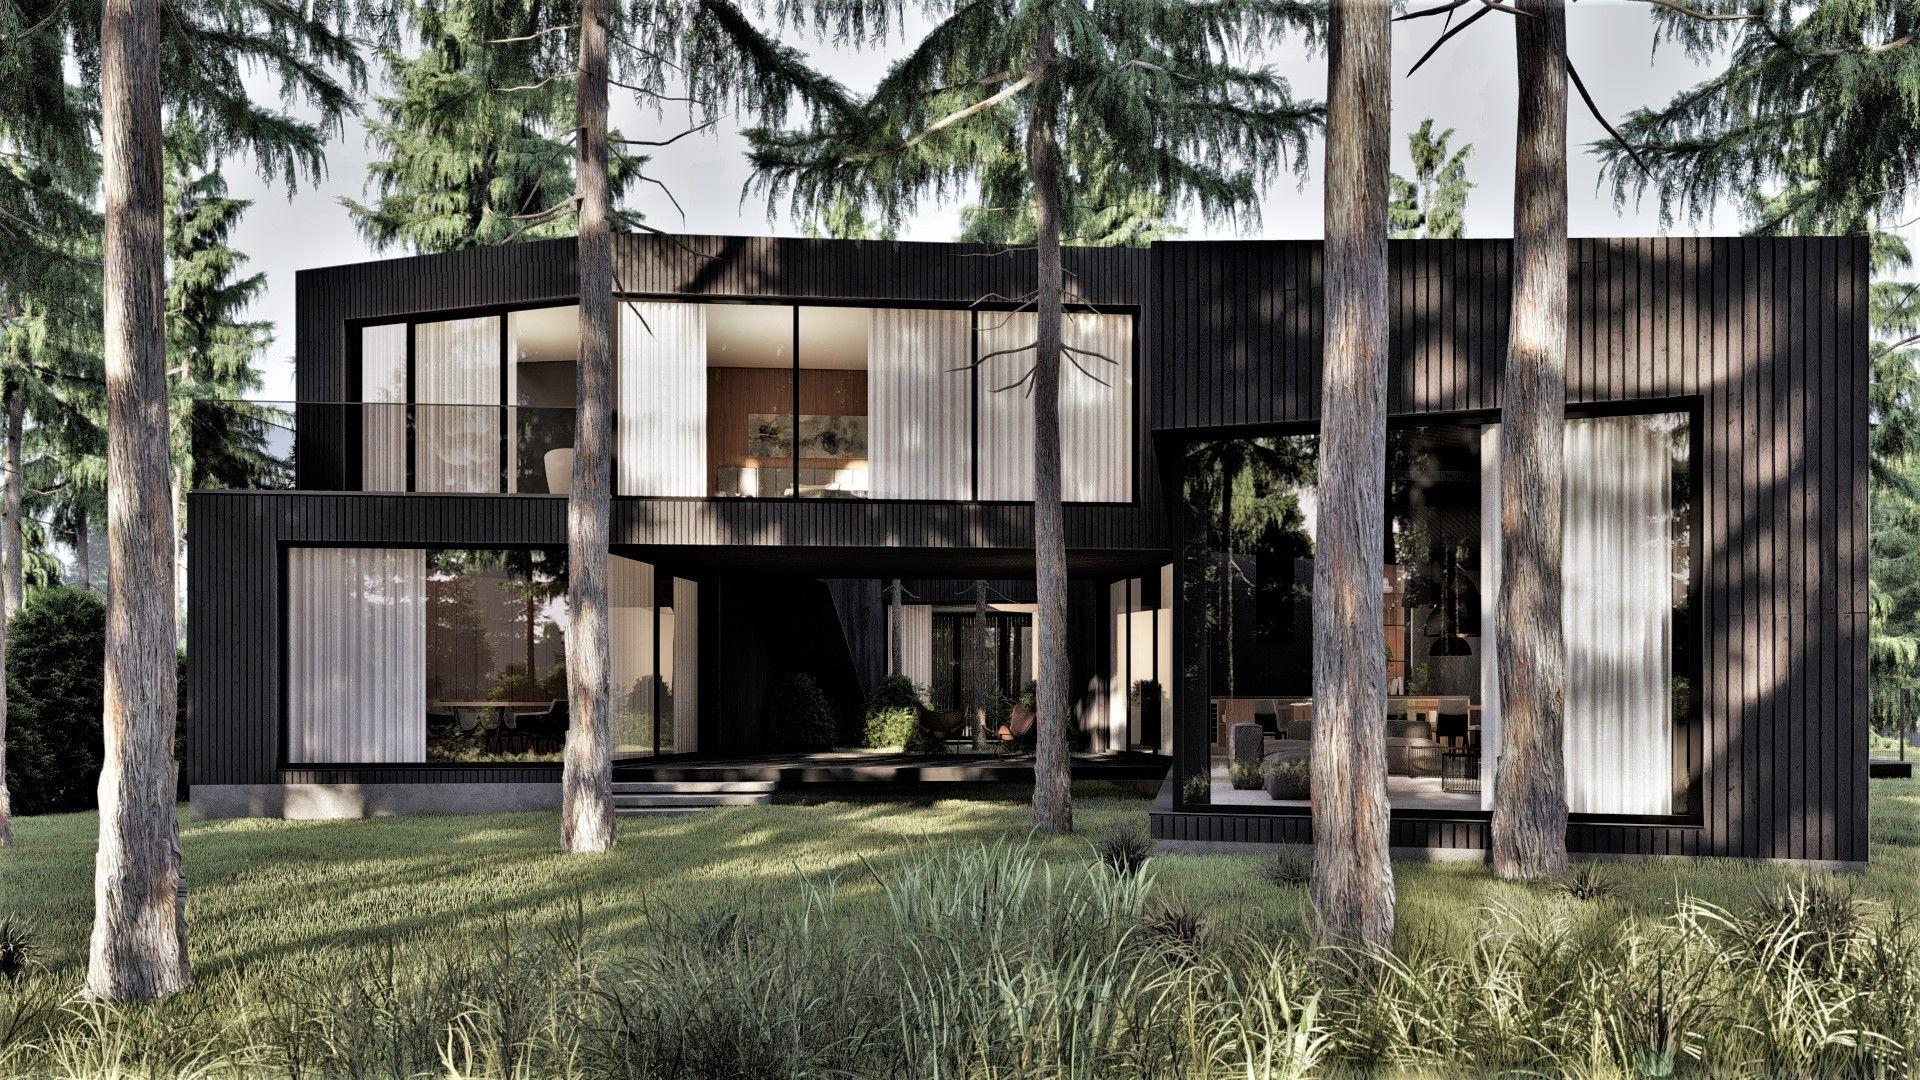 Dom lawiruje między drzewami, tak aby nie uszkodzić korzeni i uniknąć konieczności wycinki zbyt dużej ich ilości. Projekt: pracownia Core